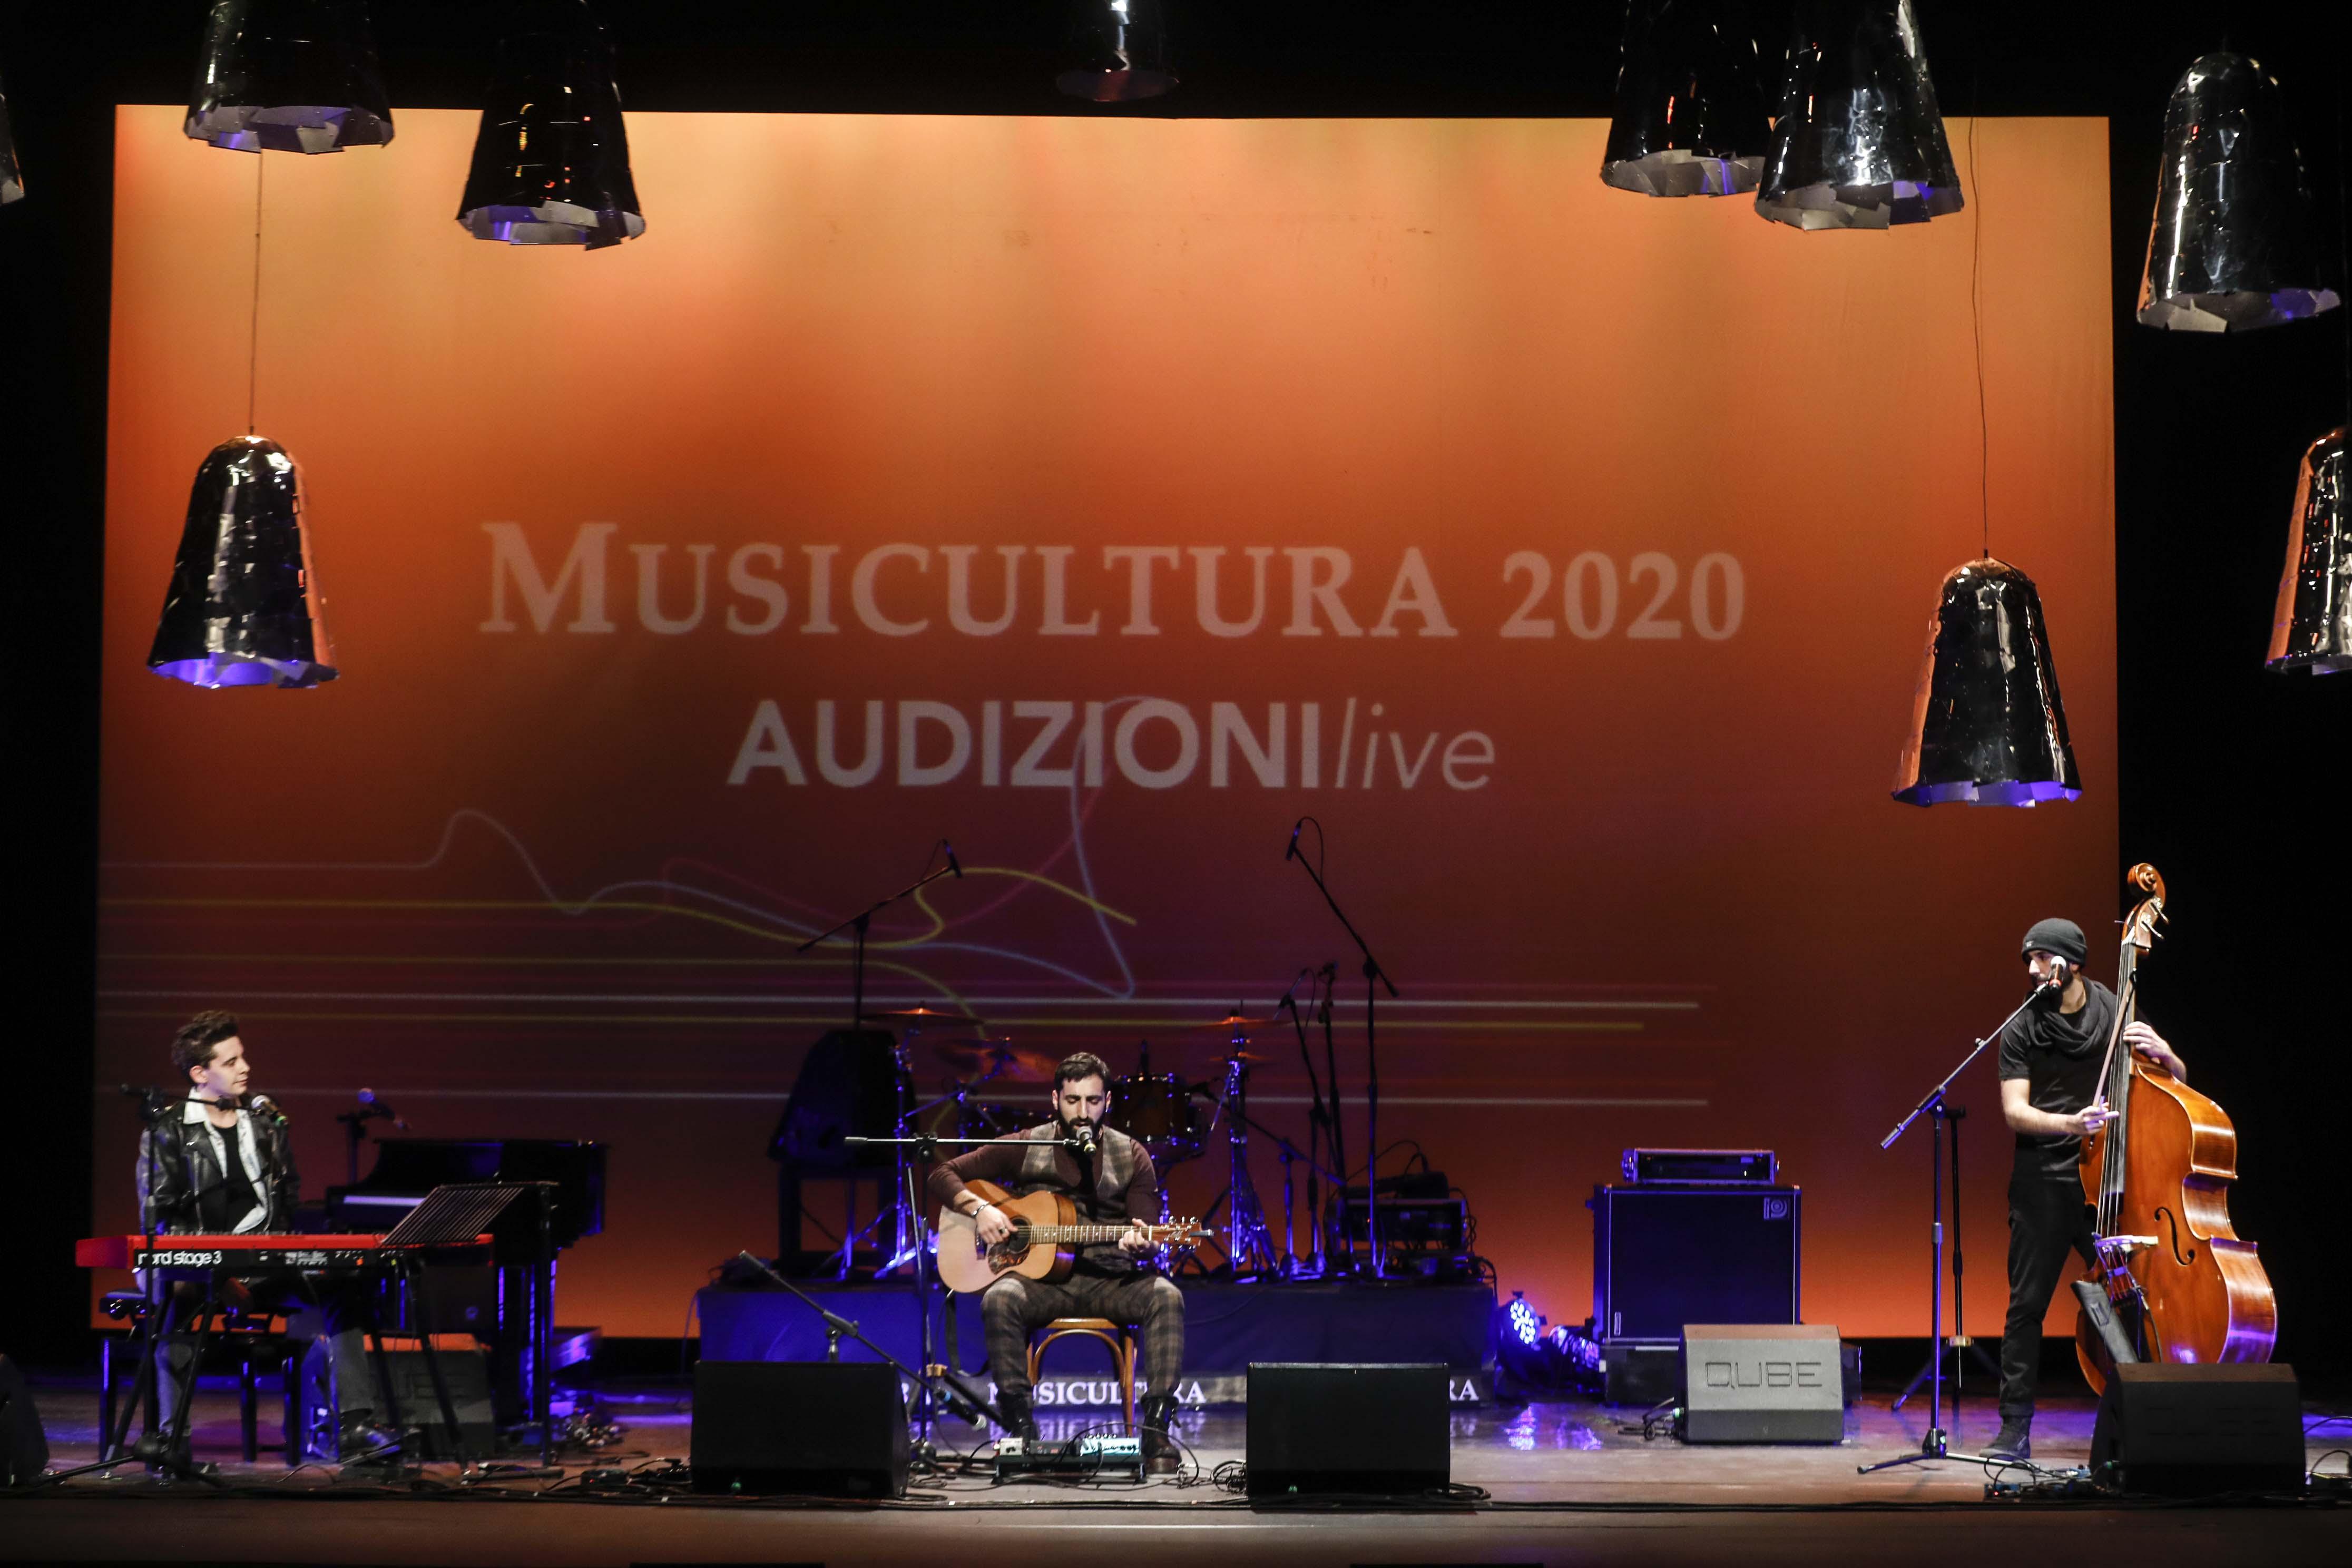 Musicultura 2020